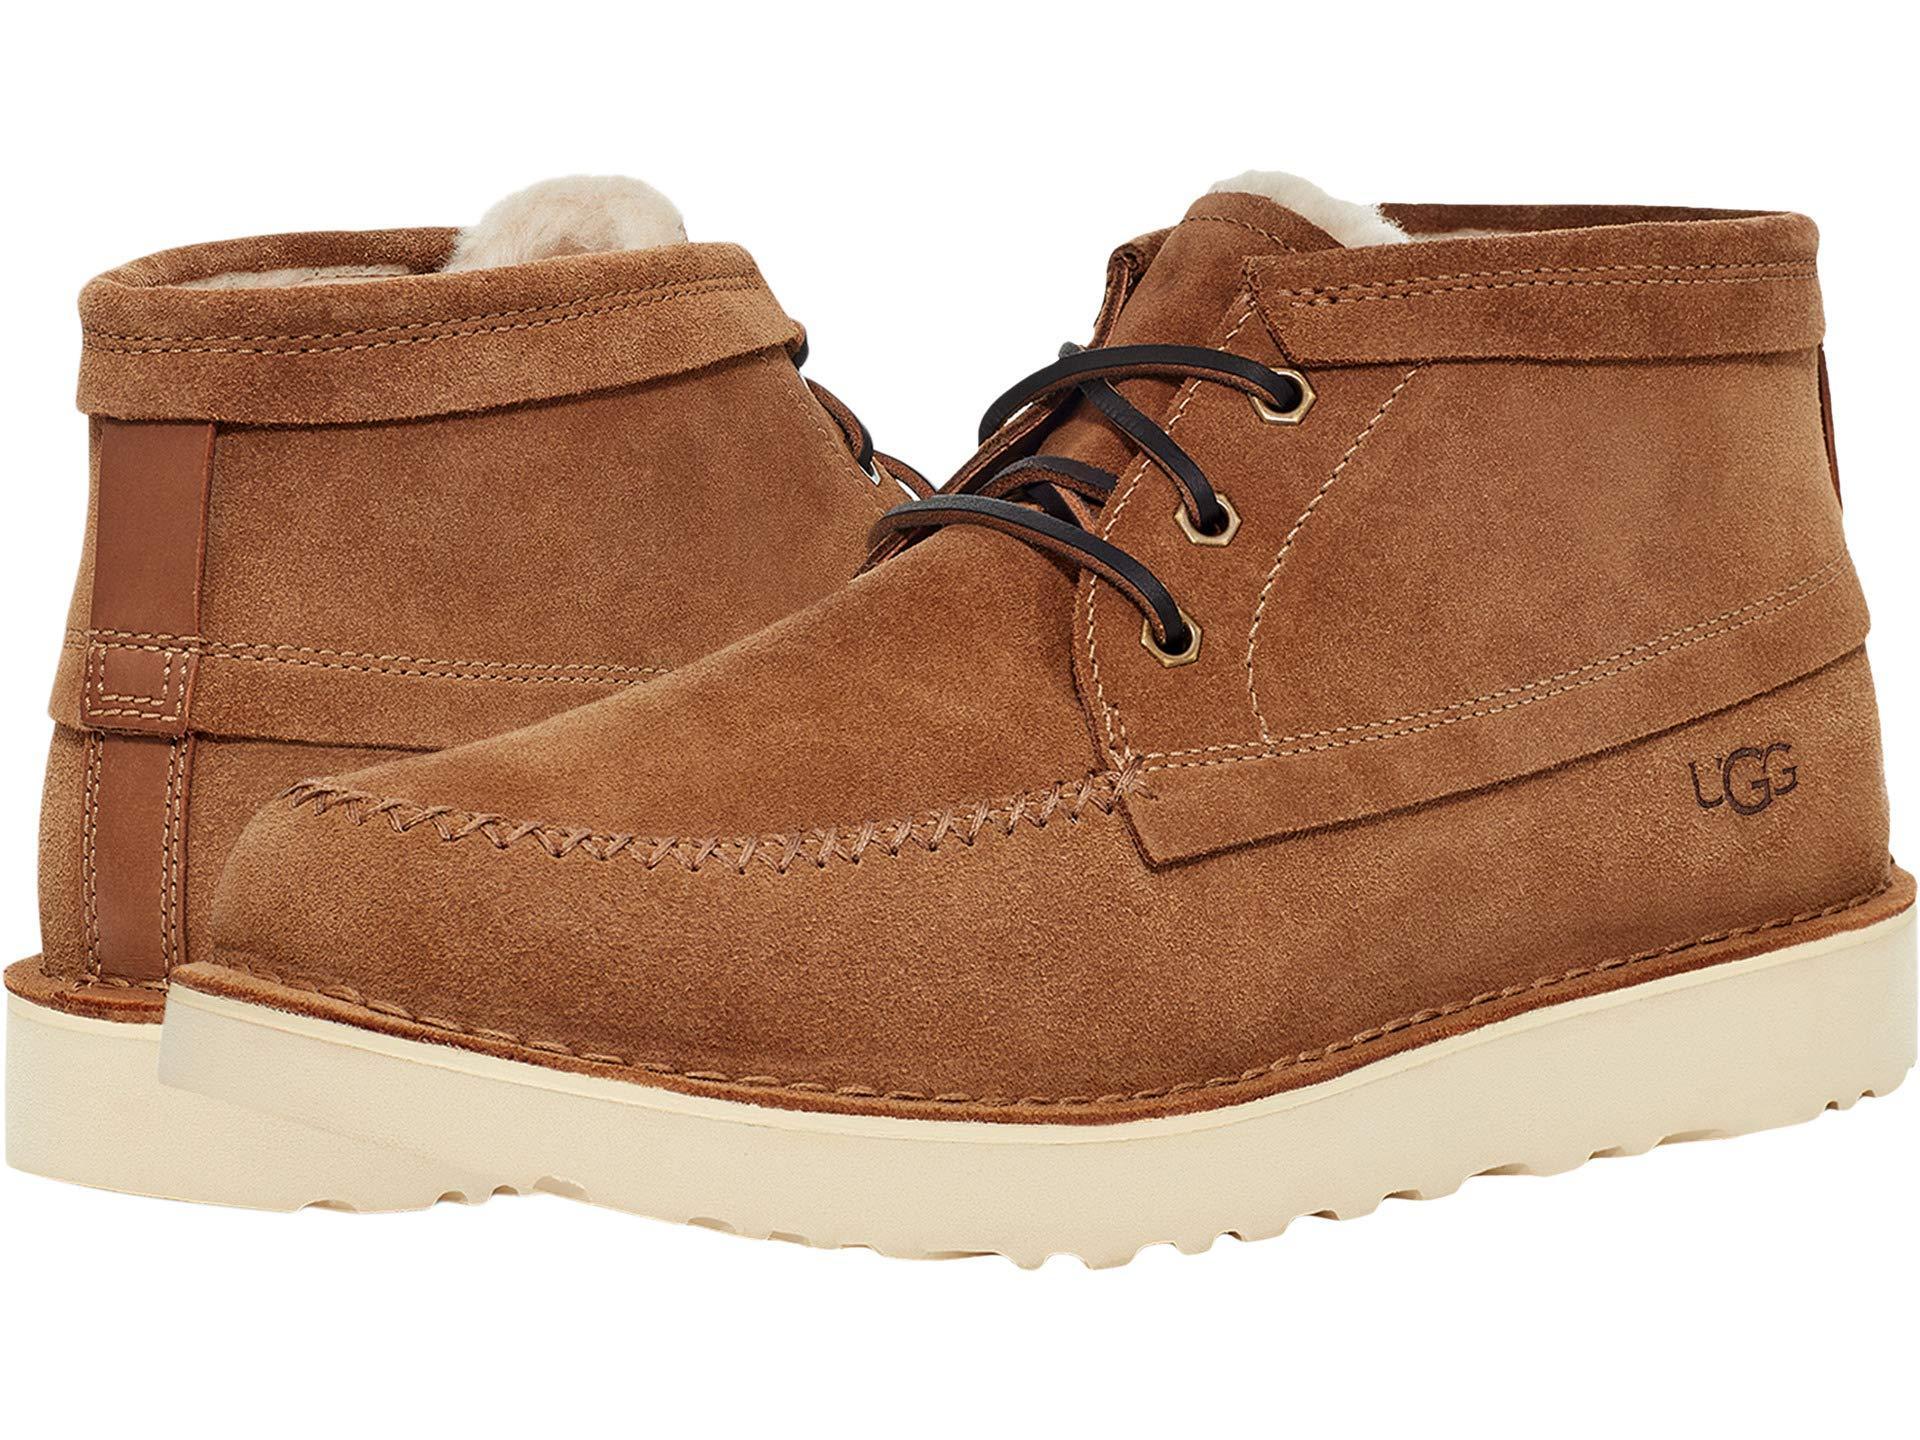 正規品 靴 シューズ ブーツ ショートブーツ 革 レザー メンズ 半額 大きいサイズ ビッグサイズ Campout UGG 取寄 Chukka Chestnut アグ 輸入 Men's チャッカ キャンプアウト